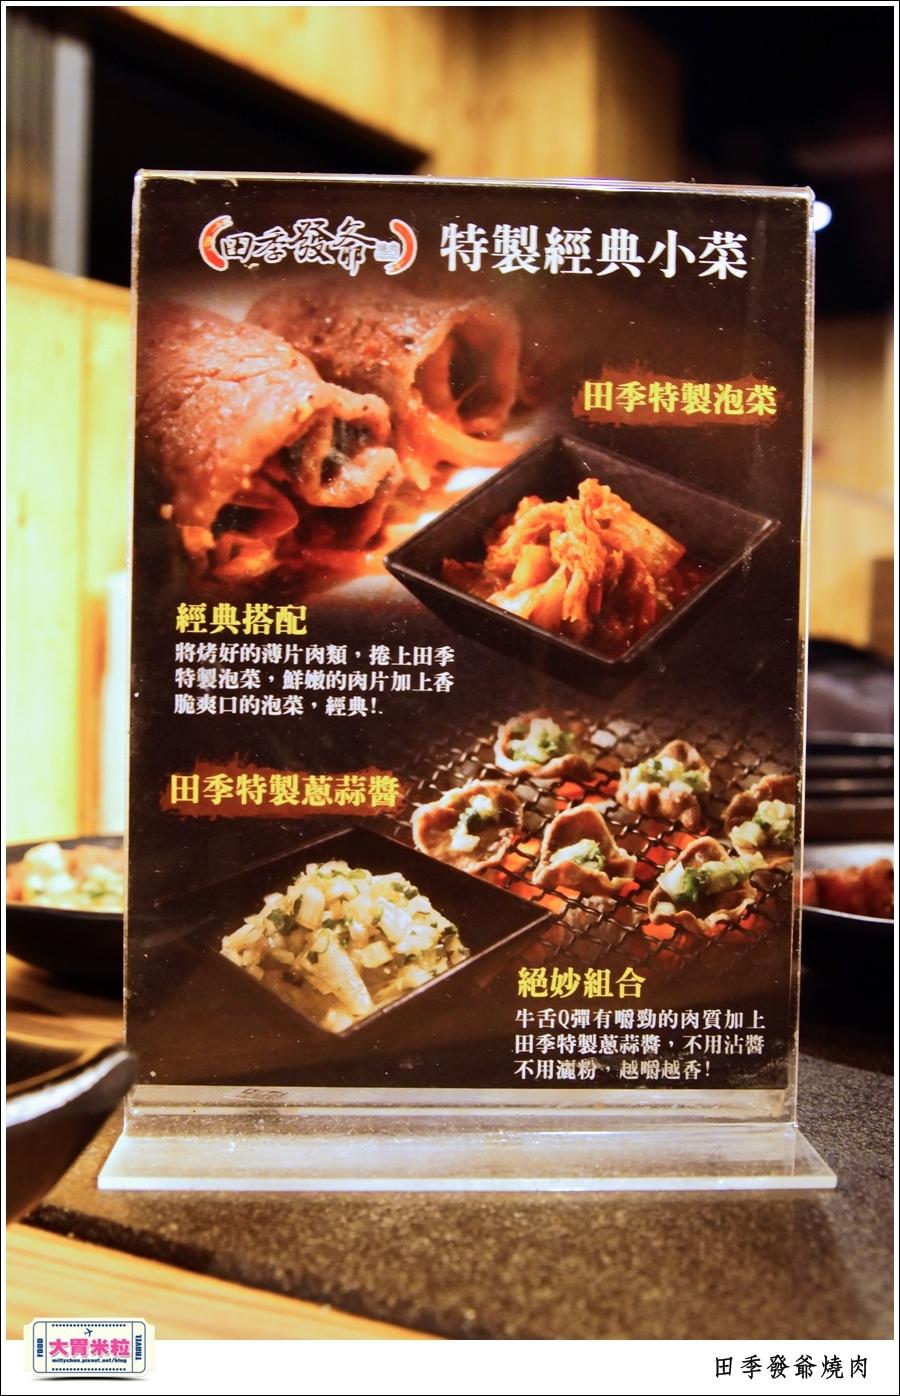 高雄火鍋燒肉吃到飽推薦@田季發爺燒肉高雄自強店@大胃米粒0018.jpg